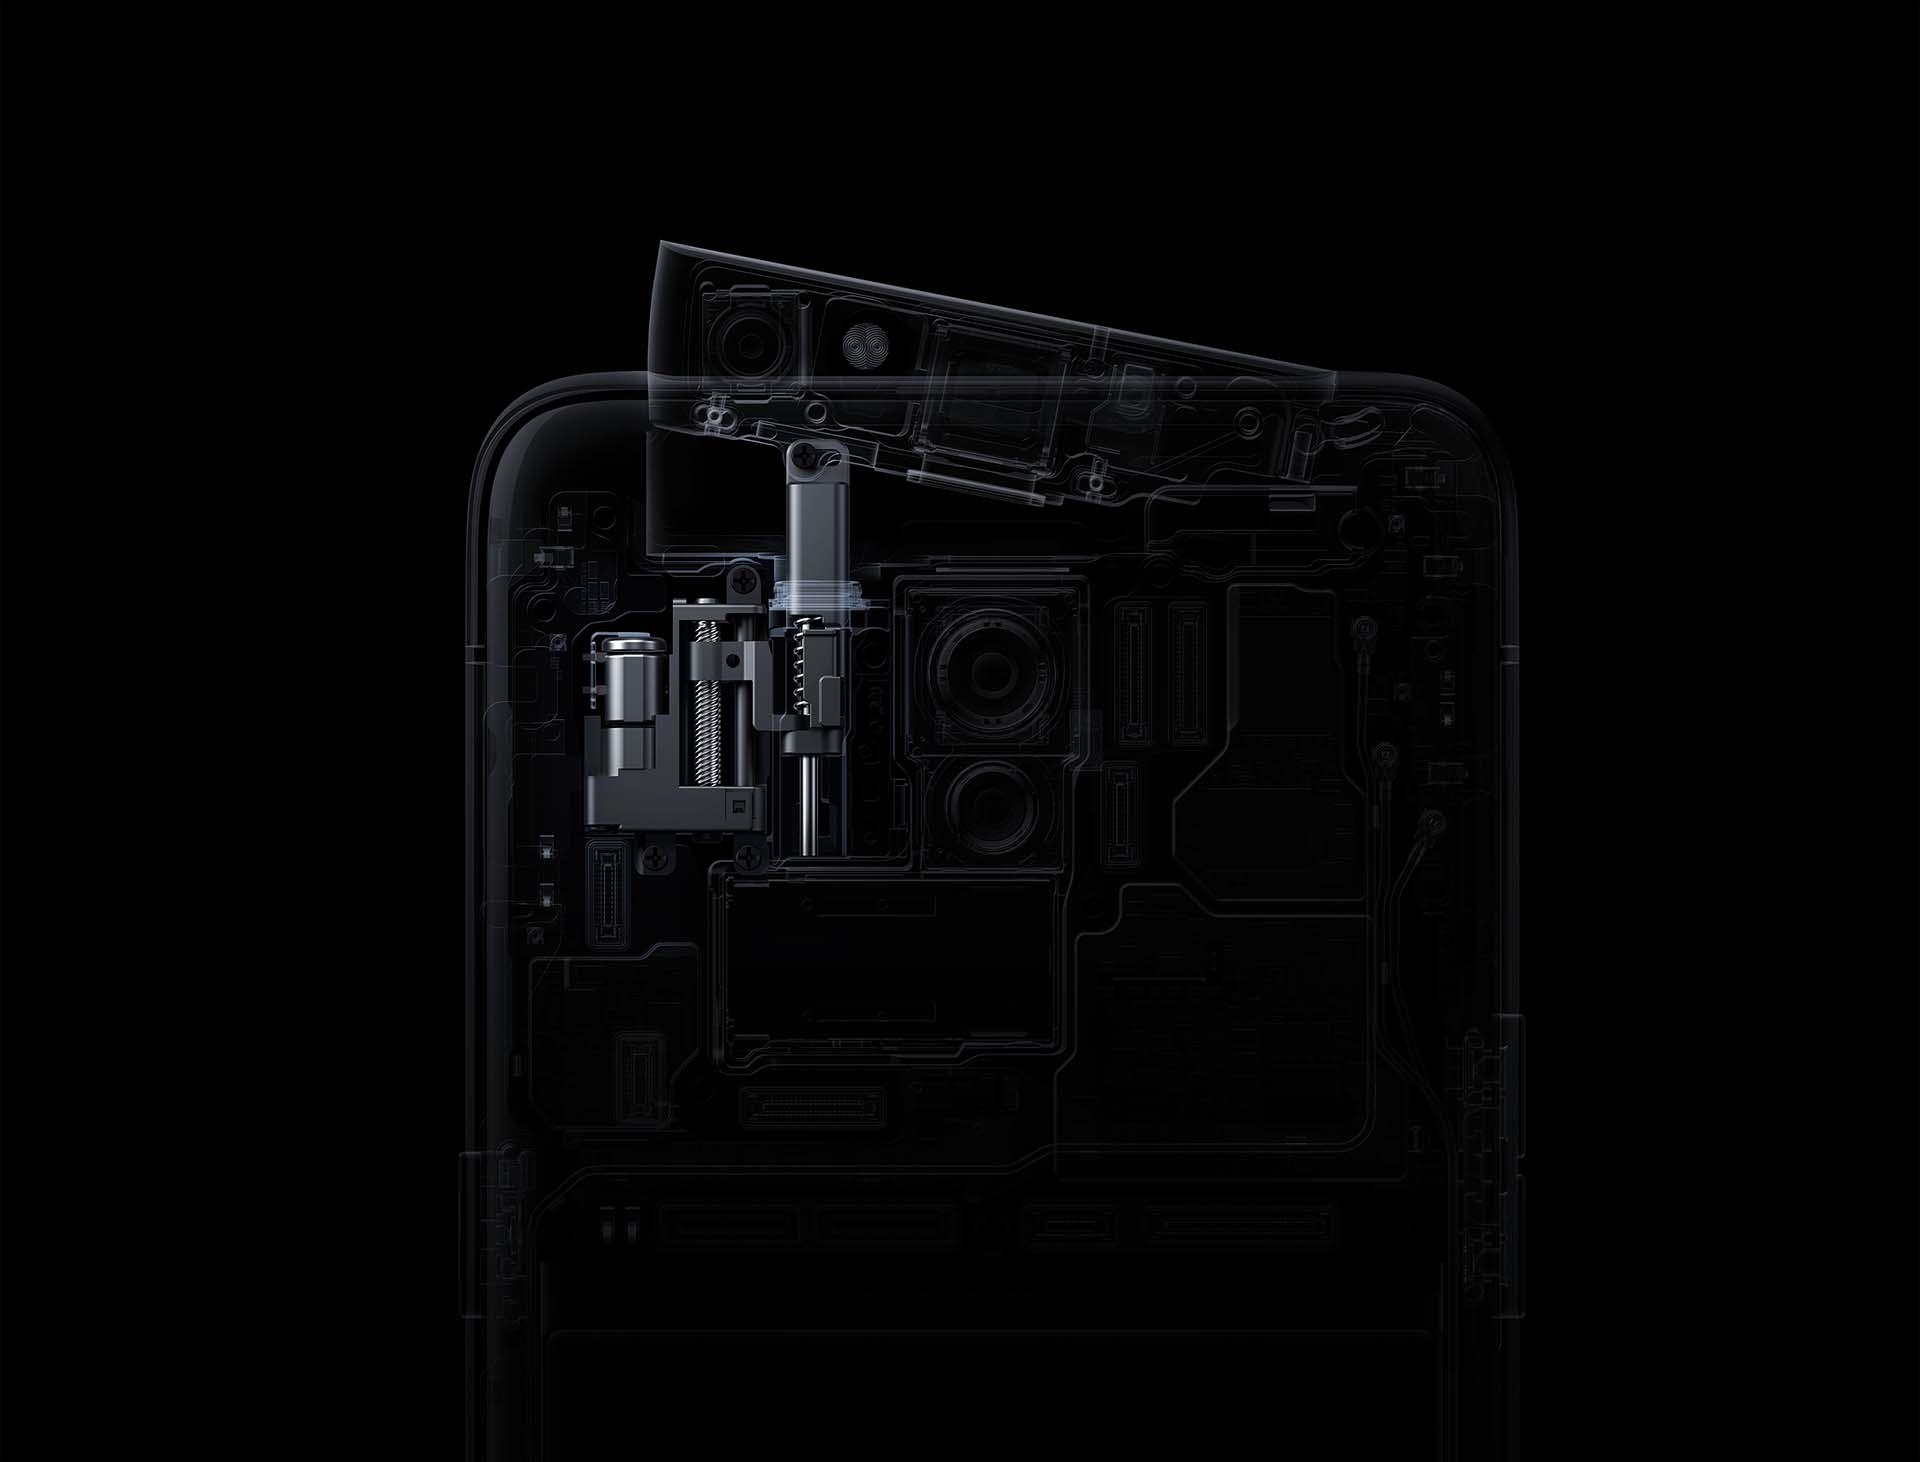 Reno camera mechanisme